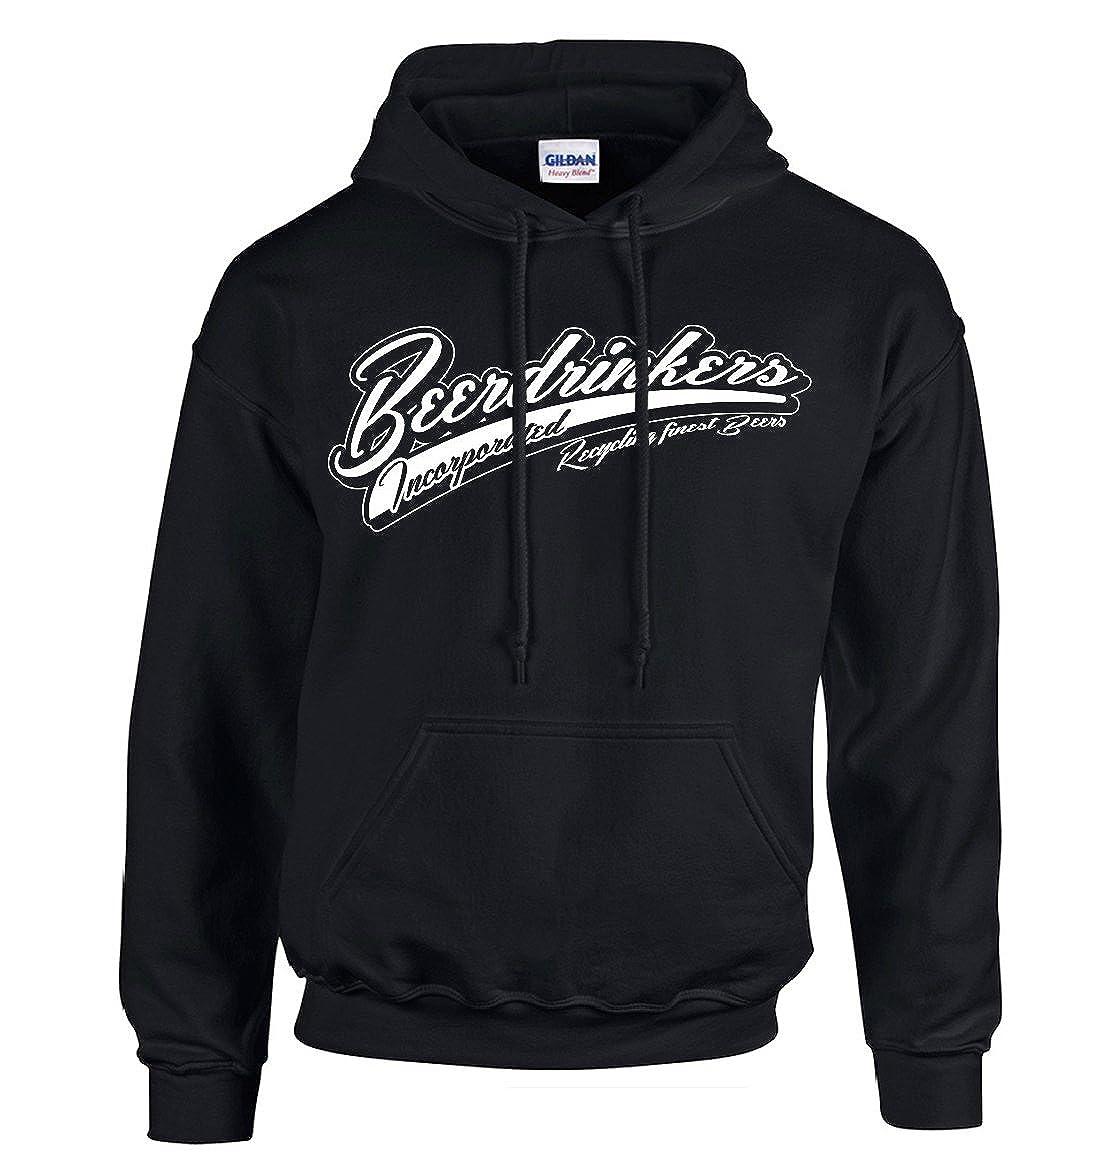 Beerdrinkers Inc. Bier Hoodie Kapuzenpullover Schwarz S, M, L, XL, XXL & XXXL